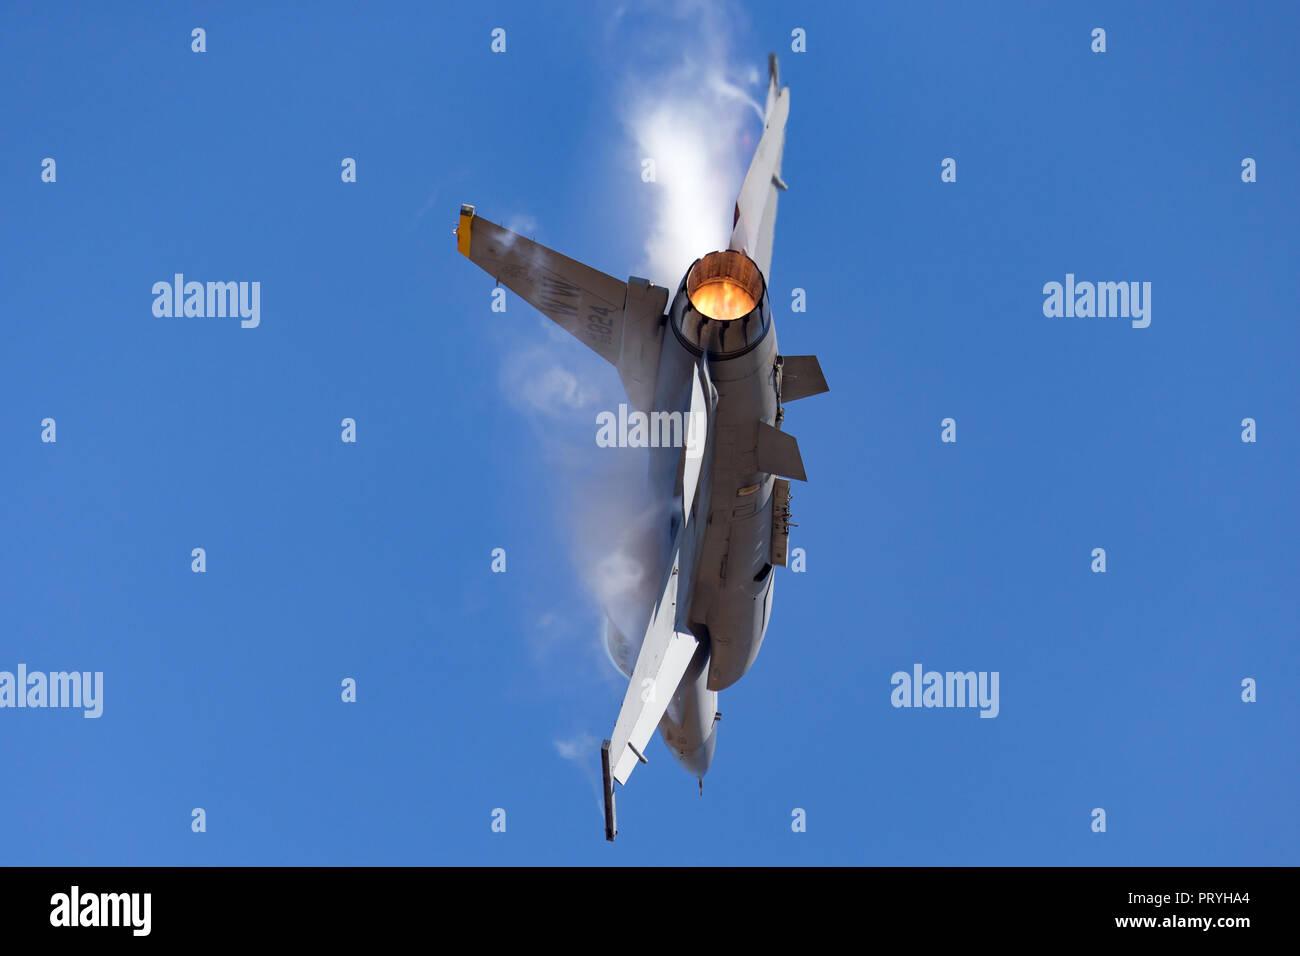 United Staes Air Force (USAF) Lockheed F-16CJ Fighting Falcon 90-0824 du 14e Escadron de chasse, 35e Escadre de chasse à Misawa Air Base, le Japon. Banque D'Images